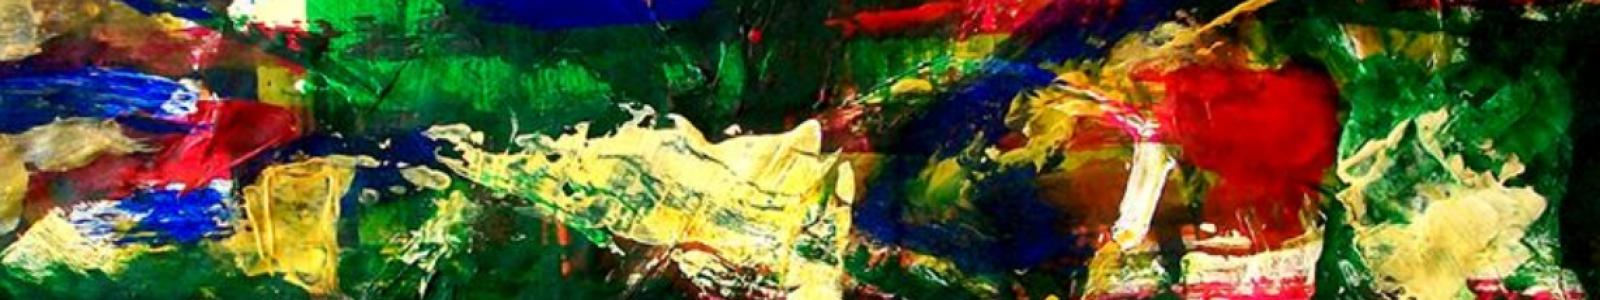 Gallery Painter Victor Shchupak